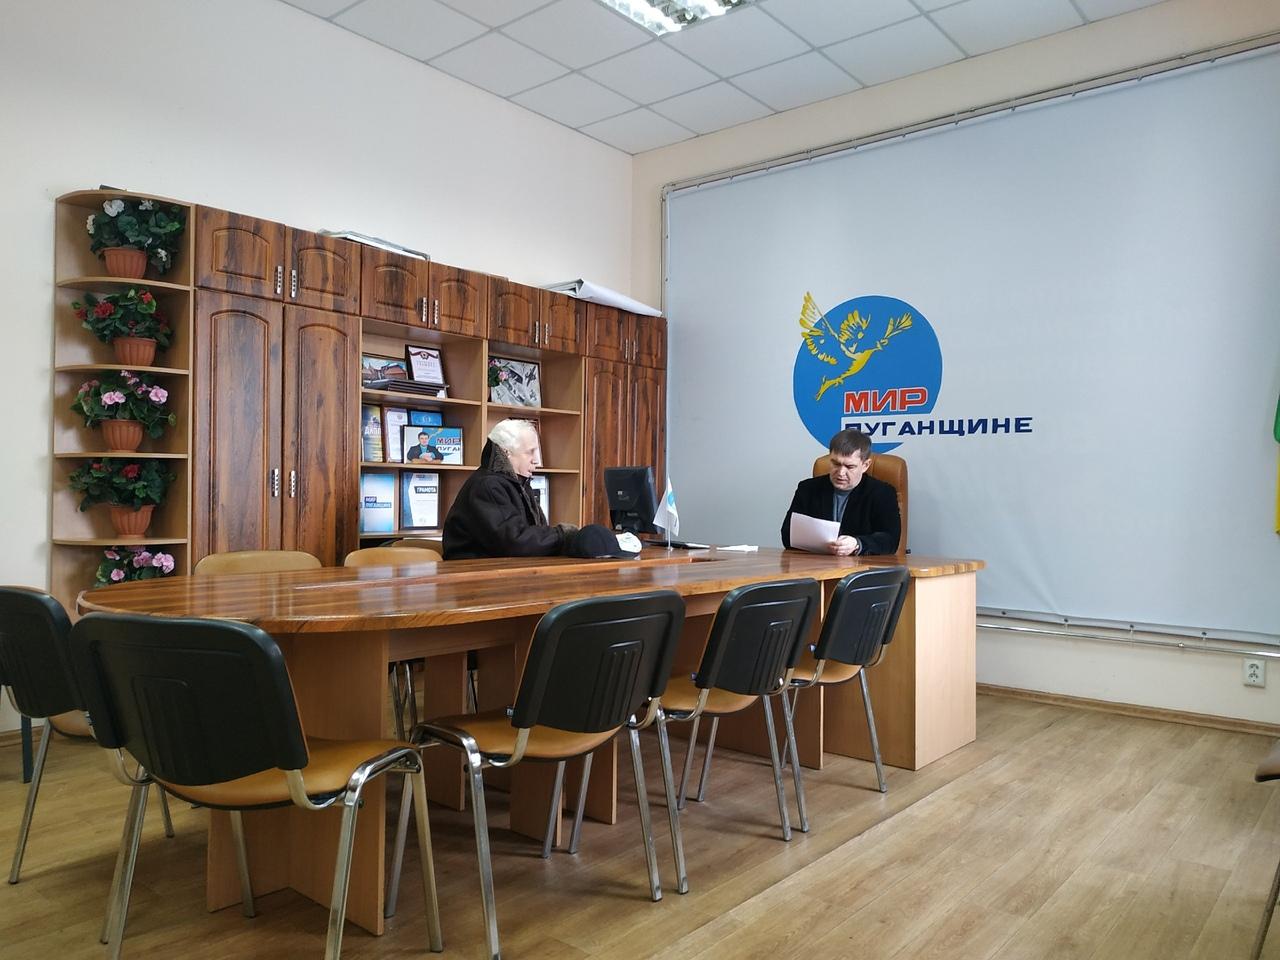 Депутат Народного совета ЛНР Андрей Сопельник провёл приём в Свердловском районе